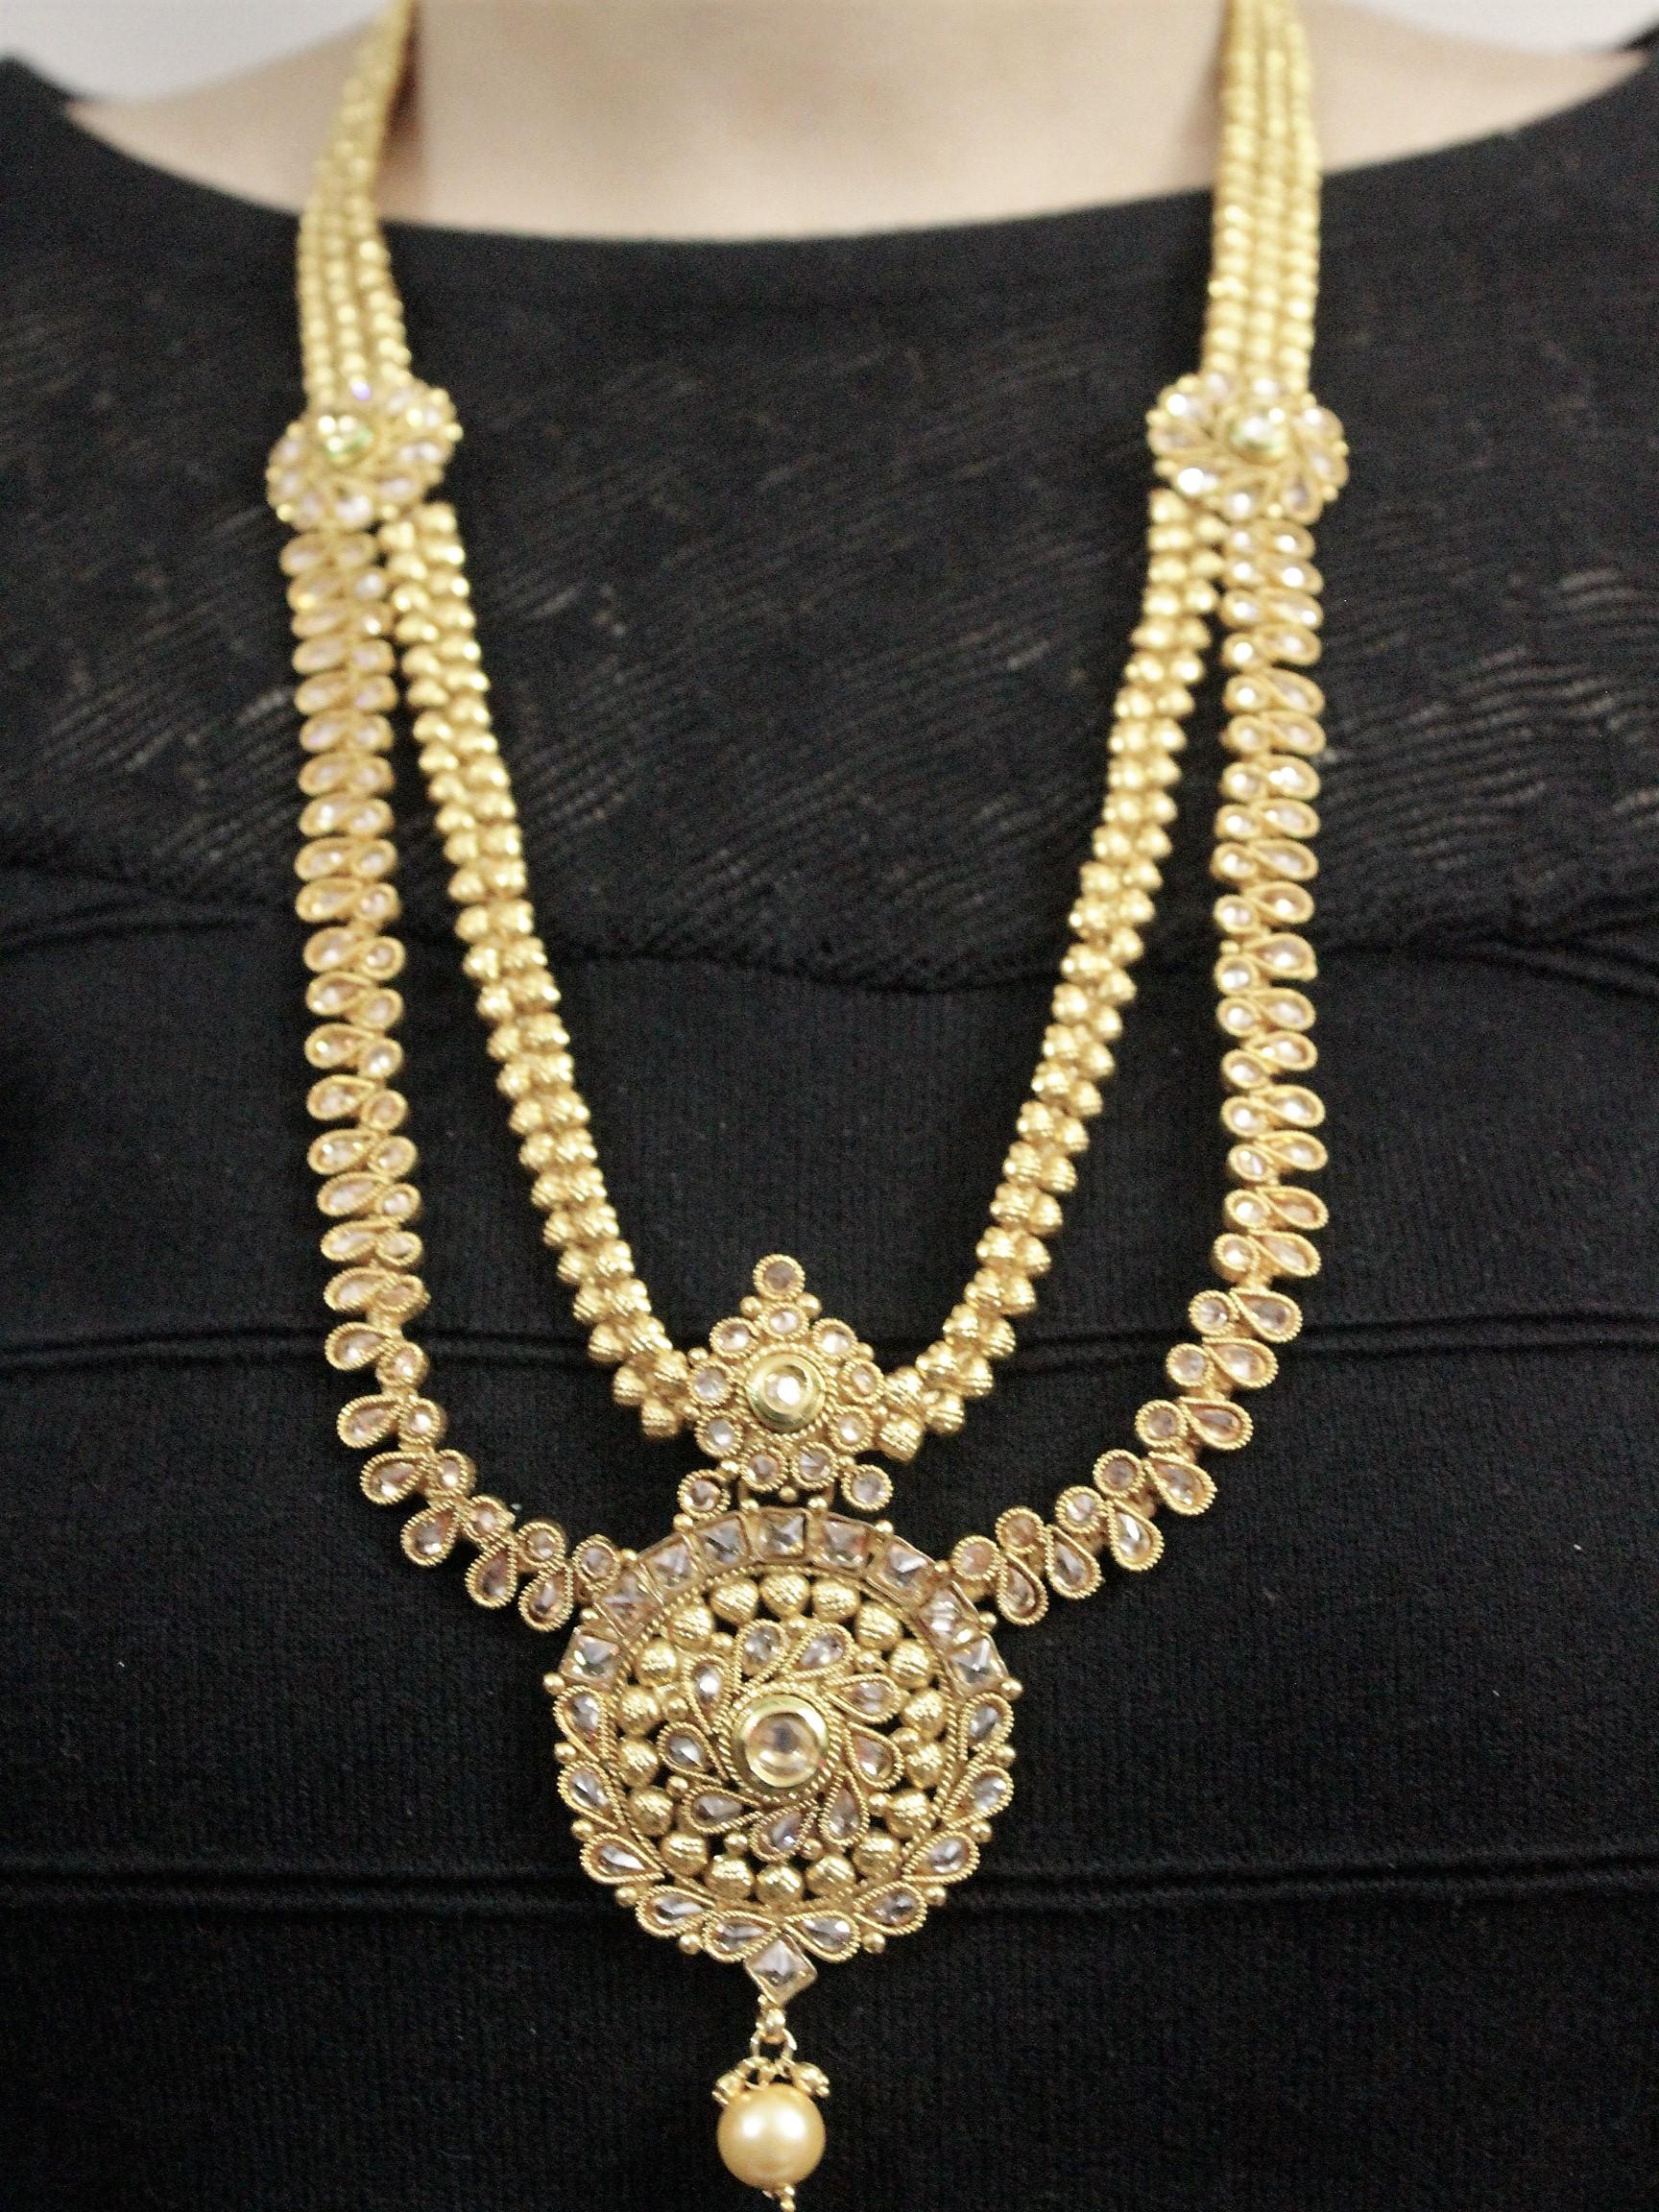 IndiHaute, layered necklace set online , layered necklace set for sale , layered necklace set for saree , layered necklace set wedding , layered necklace set online shopping , layered necklace set online india ,